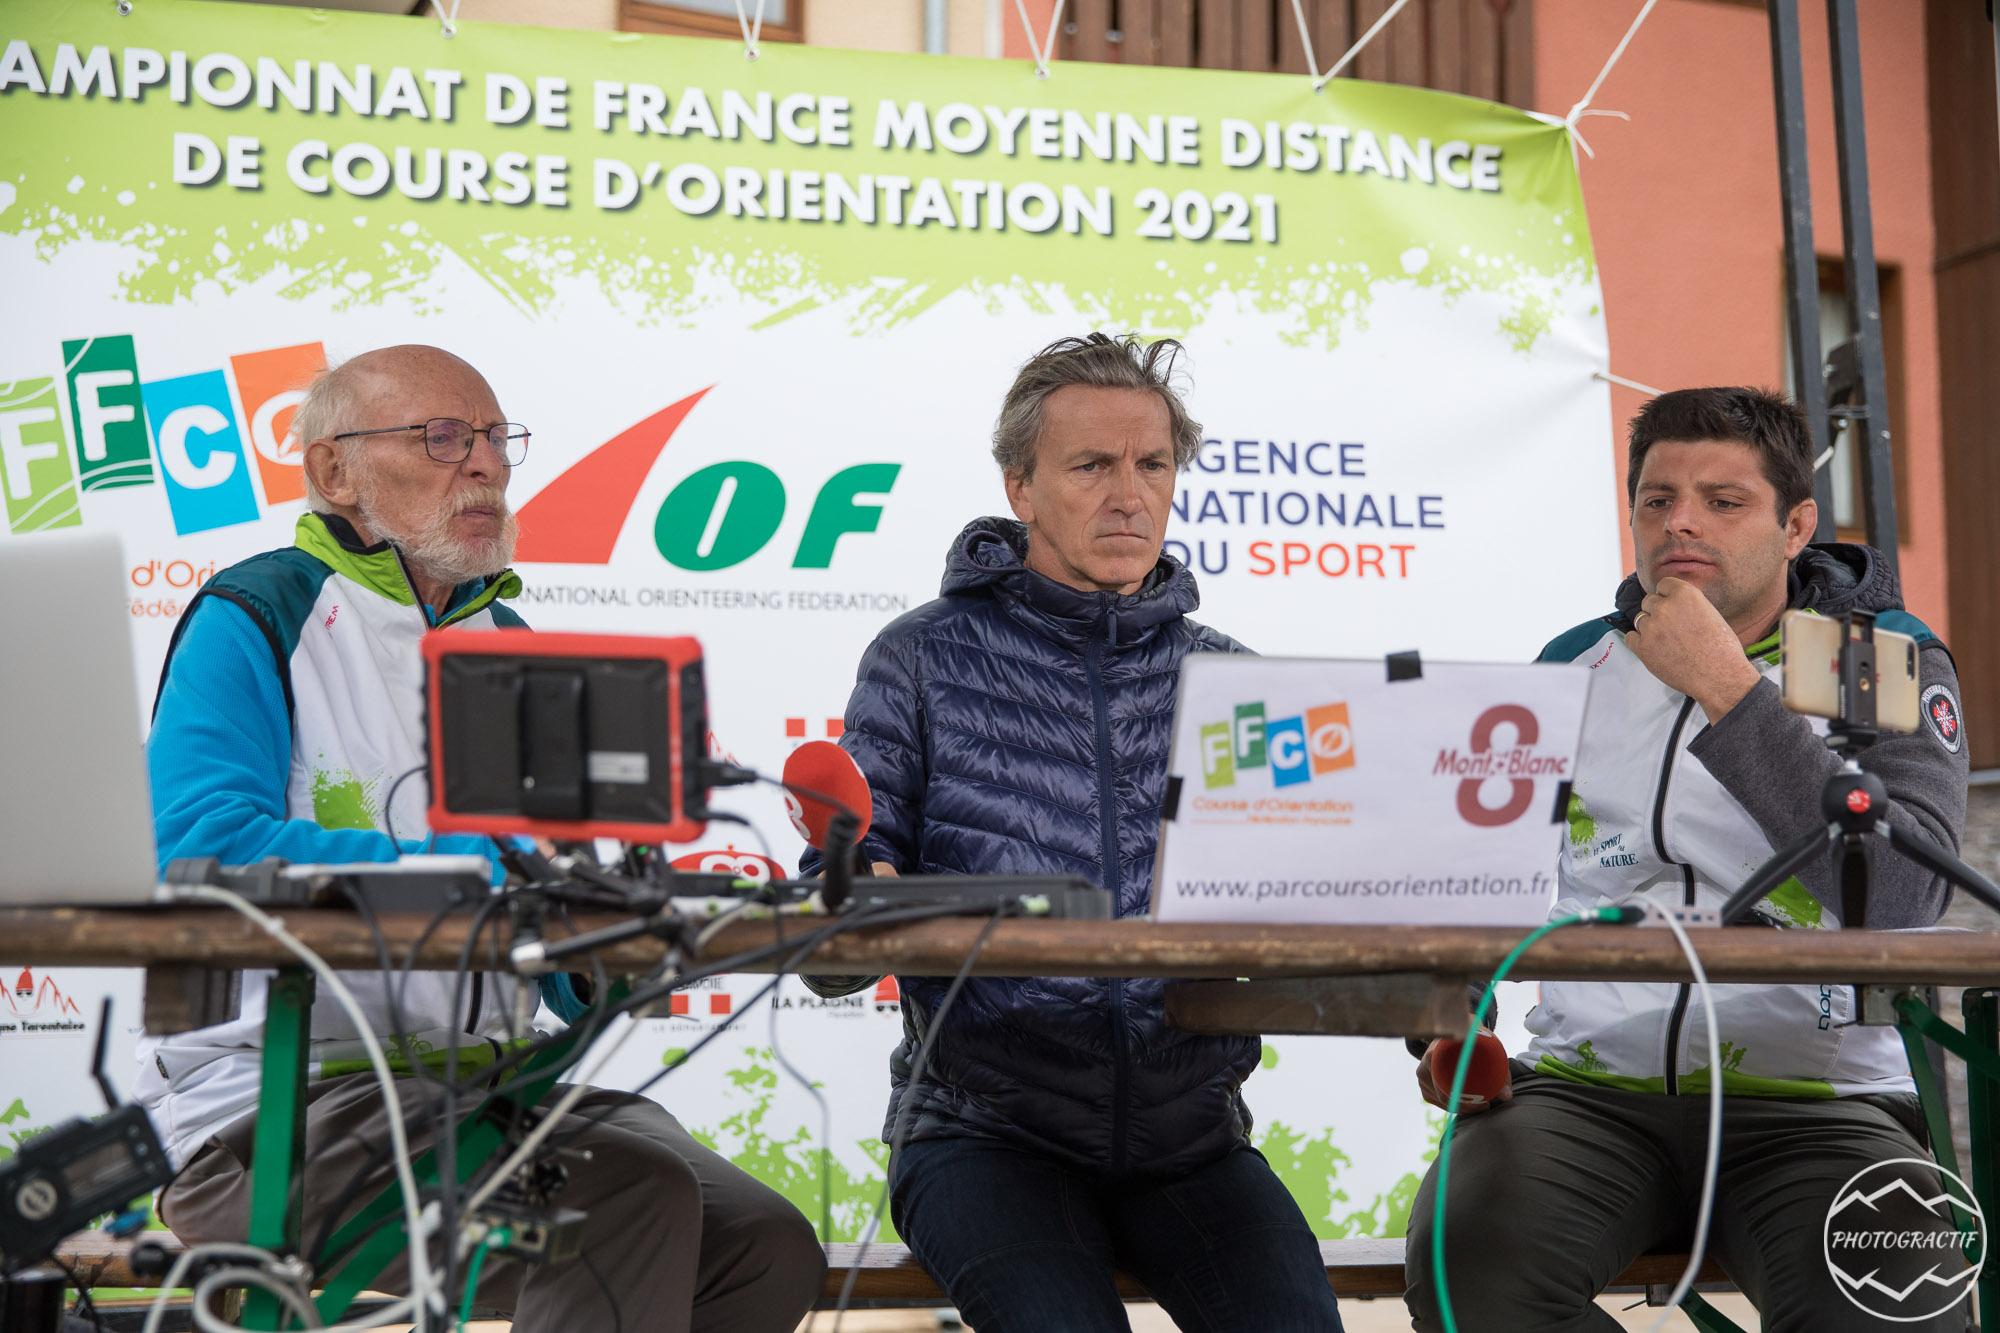 Nationale CO La Plagne MD (15)